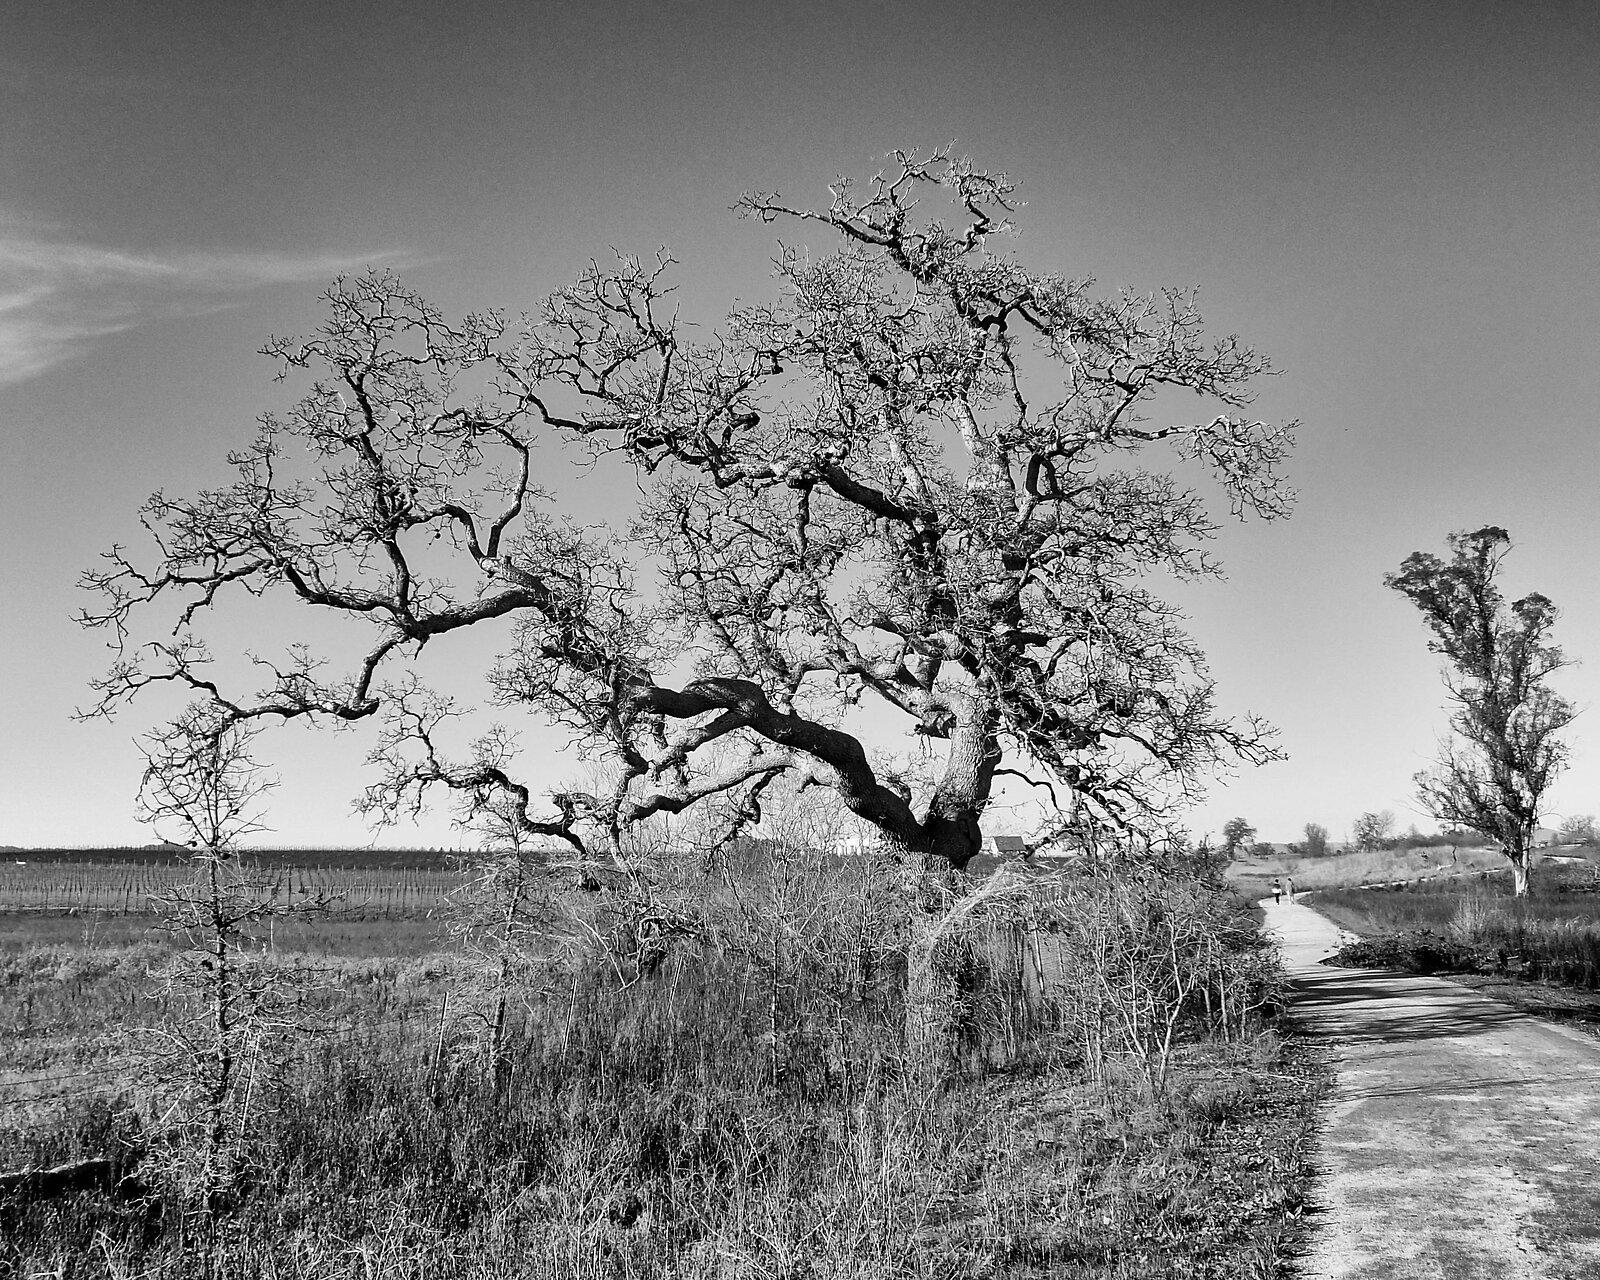 tree_FujXQ1_Feb21_BW.jpg